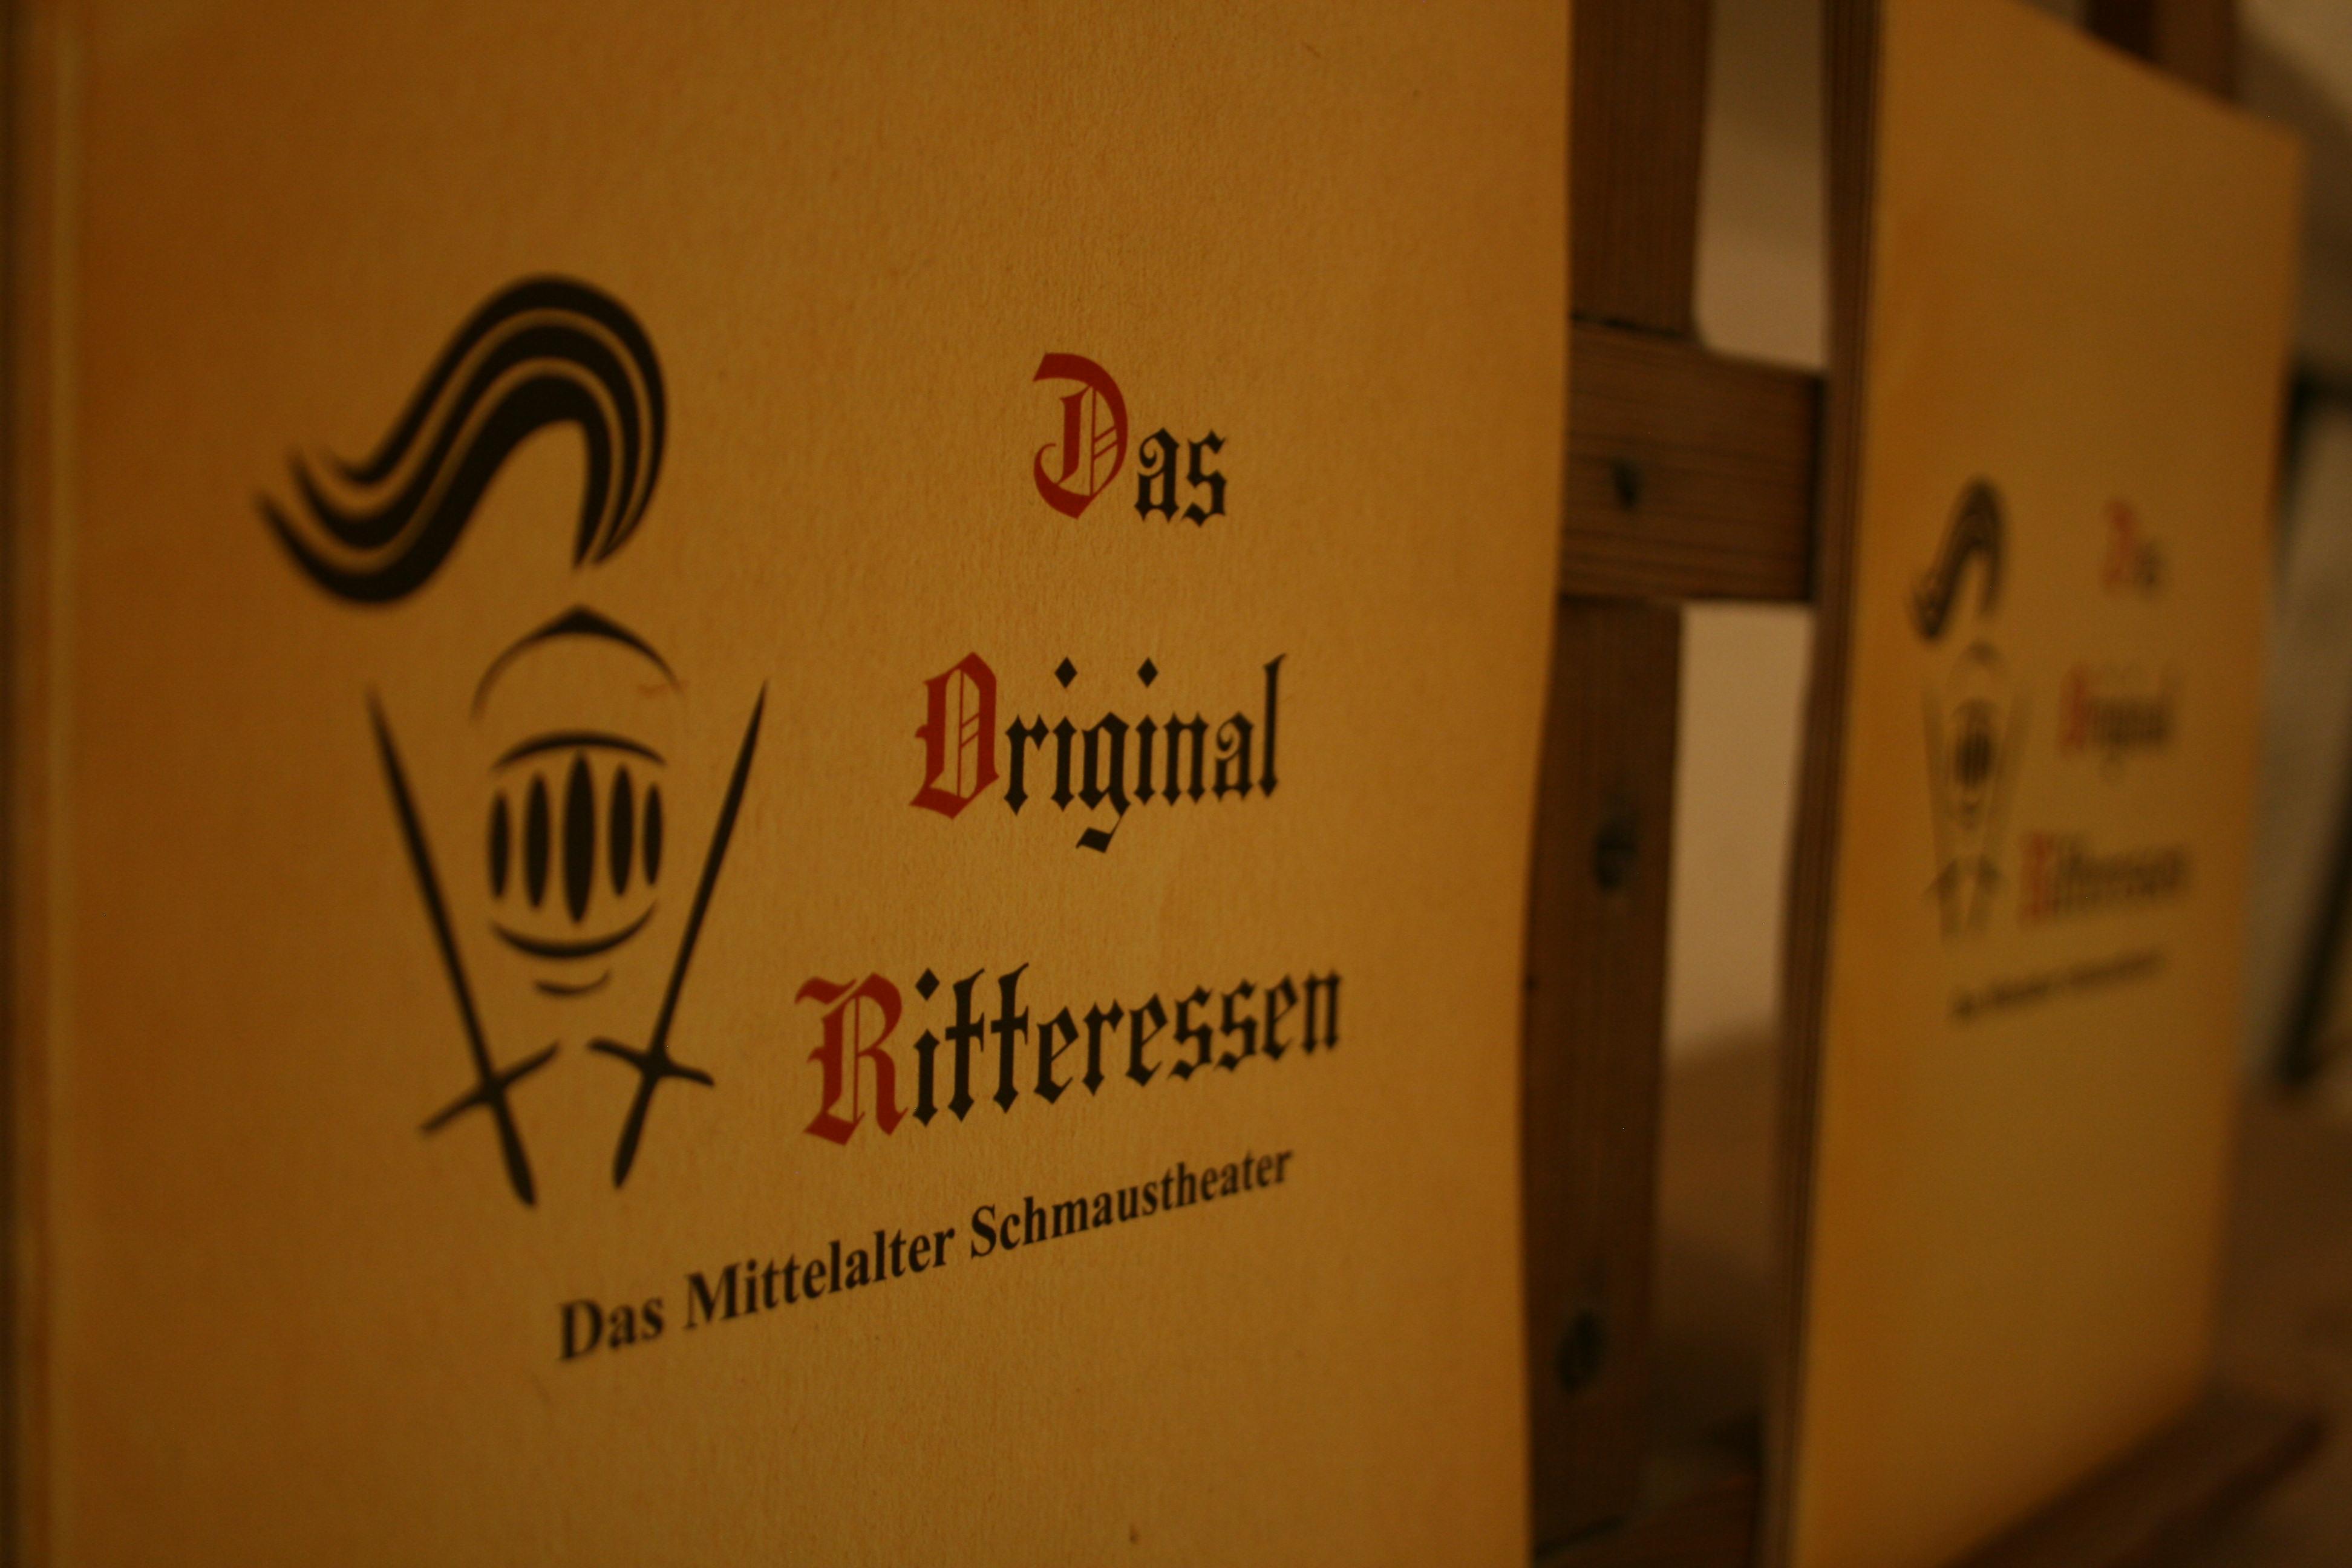 Ritteressen in Uffenheim